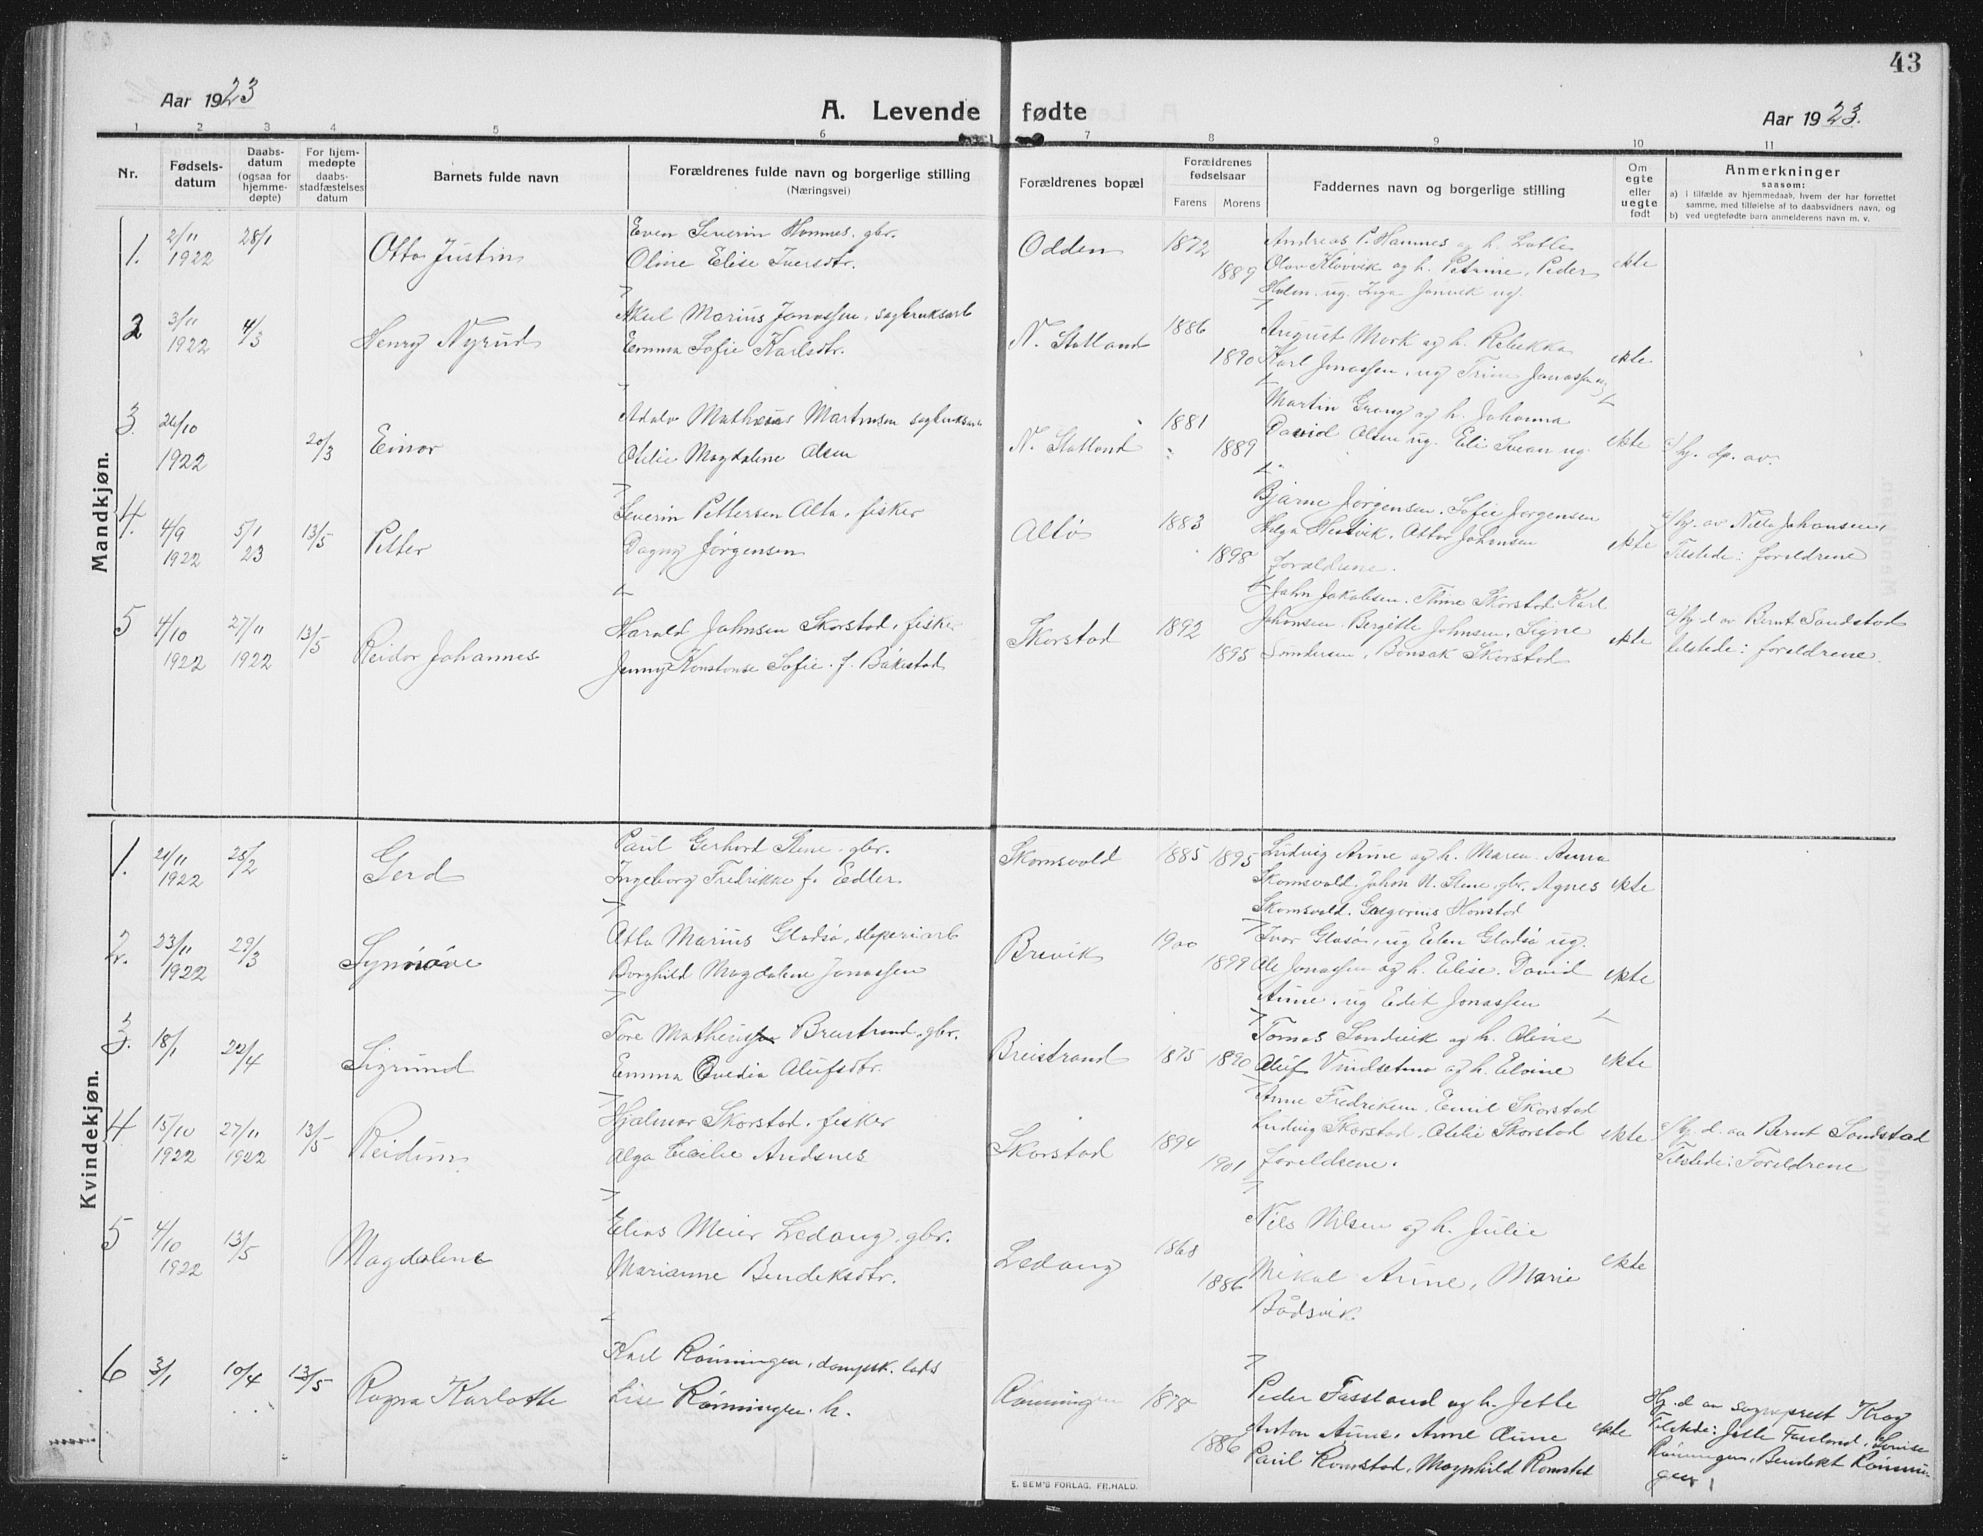 SAT, Ministerialprotokoller, klokkerbøker og fødselsregistre - Nord-Trøndelag, 774/L0630: Klokkerbok nr. 774C01, 1910-1934, s. 43